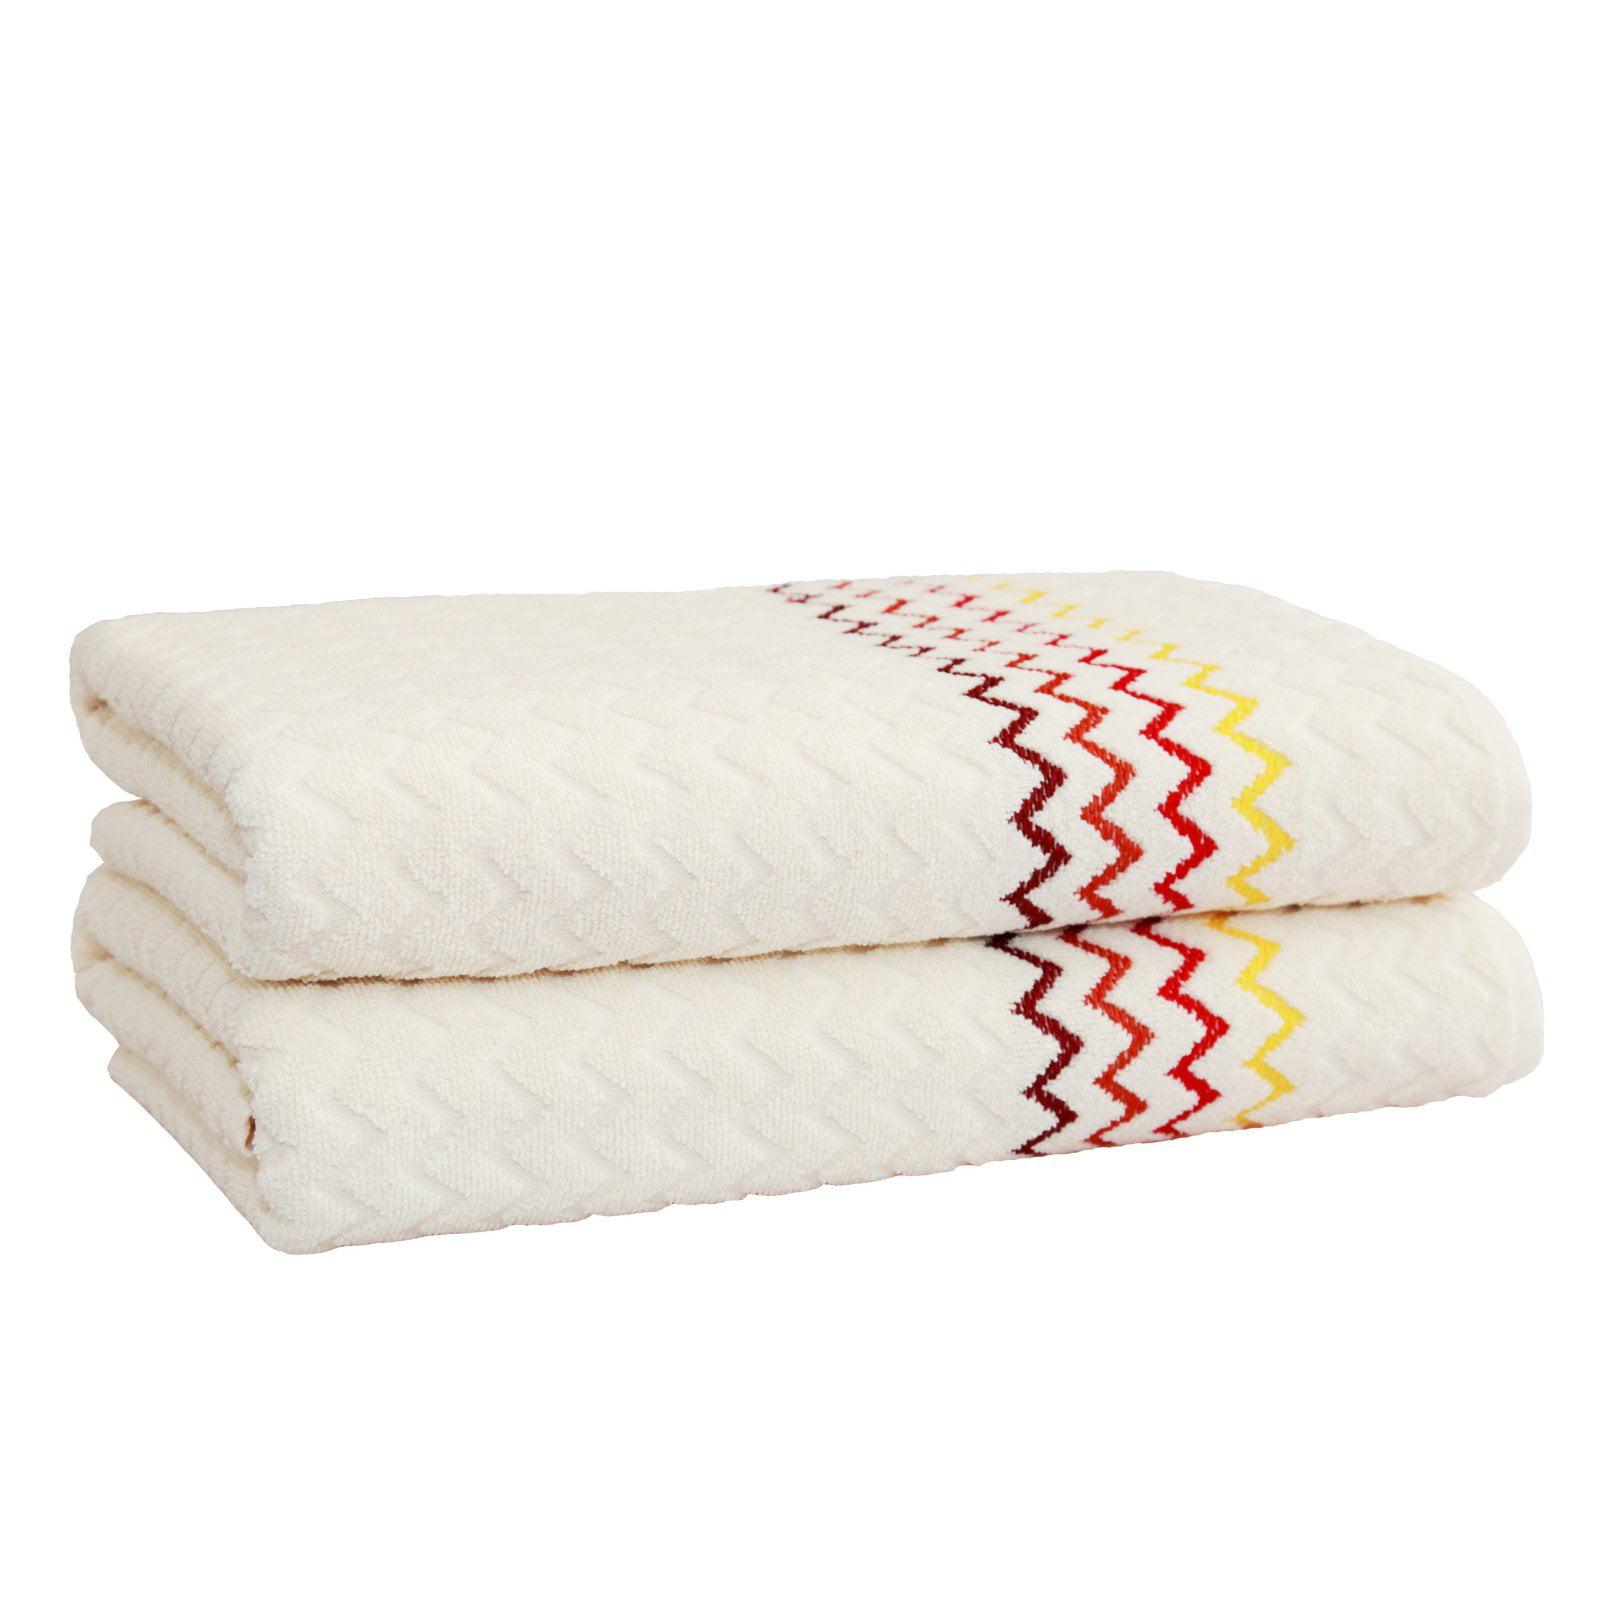 Linum Home Textiles Montauk 2-Piece Zig Zag Bath Towel by Linum Home Textiles LLC